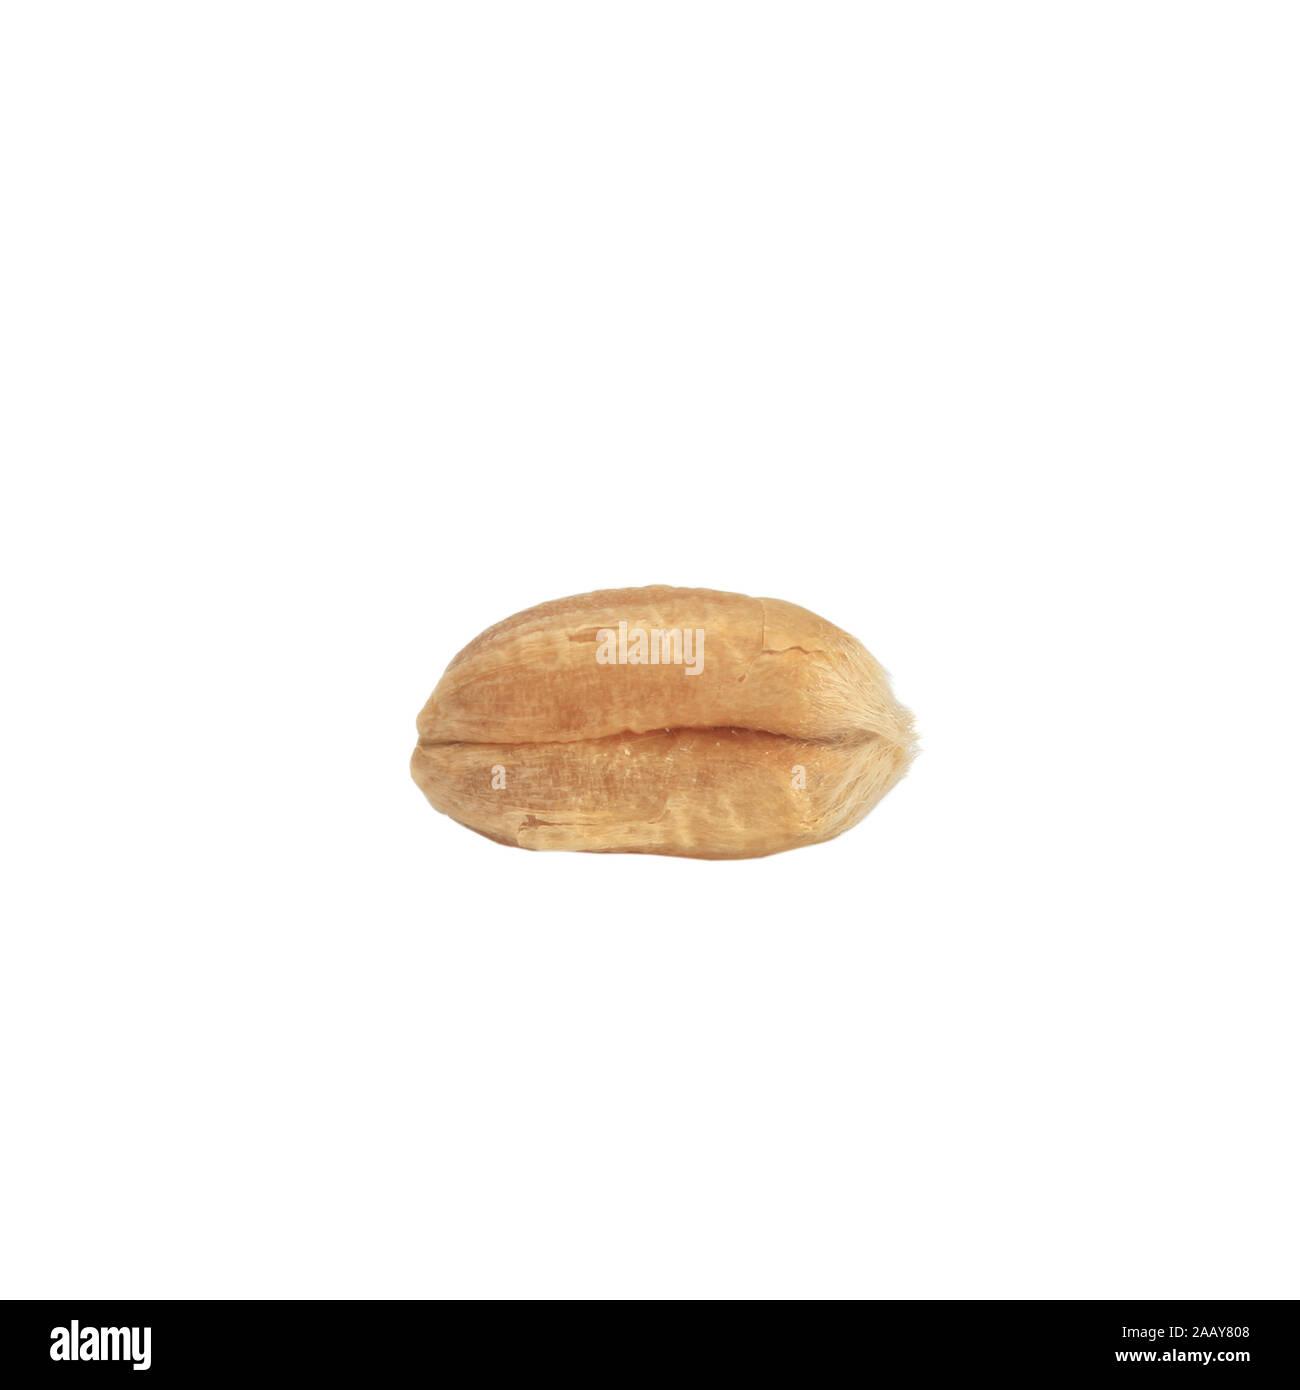 Saat-Weizen, Weich-Weizen, Weizen (Triticum aestivum), Einzelkorn | bread wheat, cultivated wheat (Triticum aestivum), single grain | BLWS034985.jpg [ Stock Photo